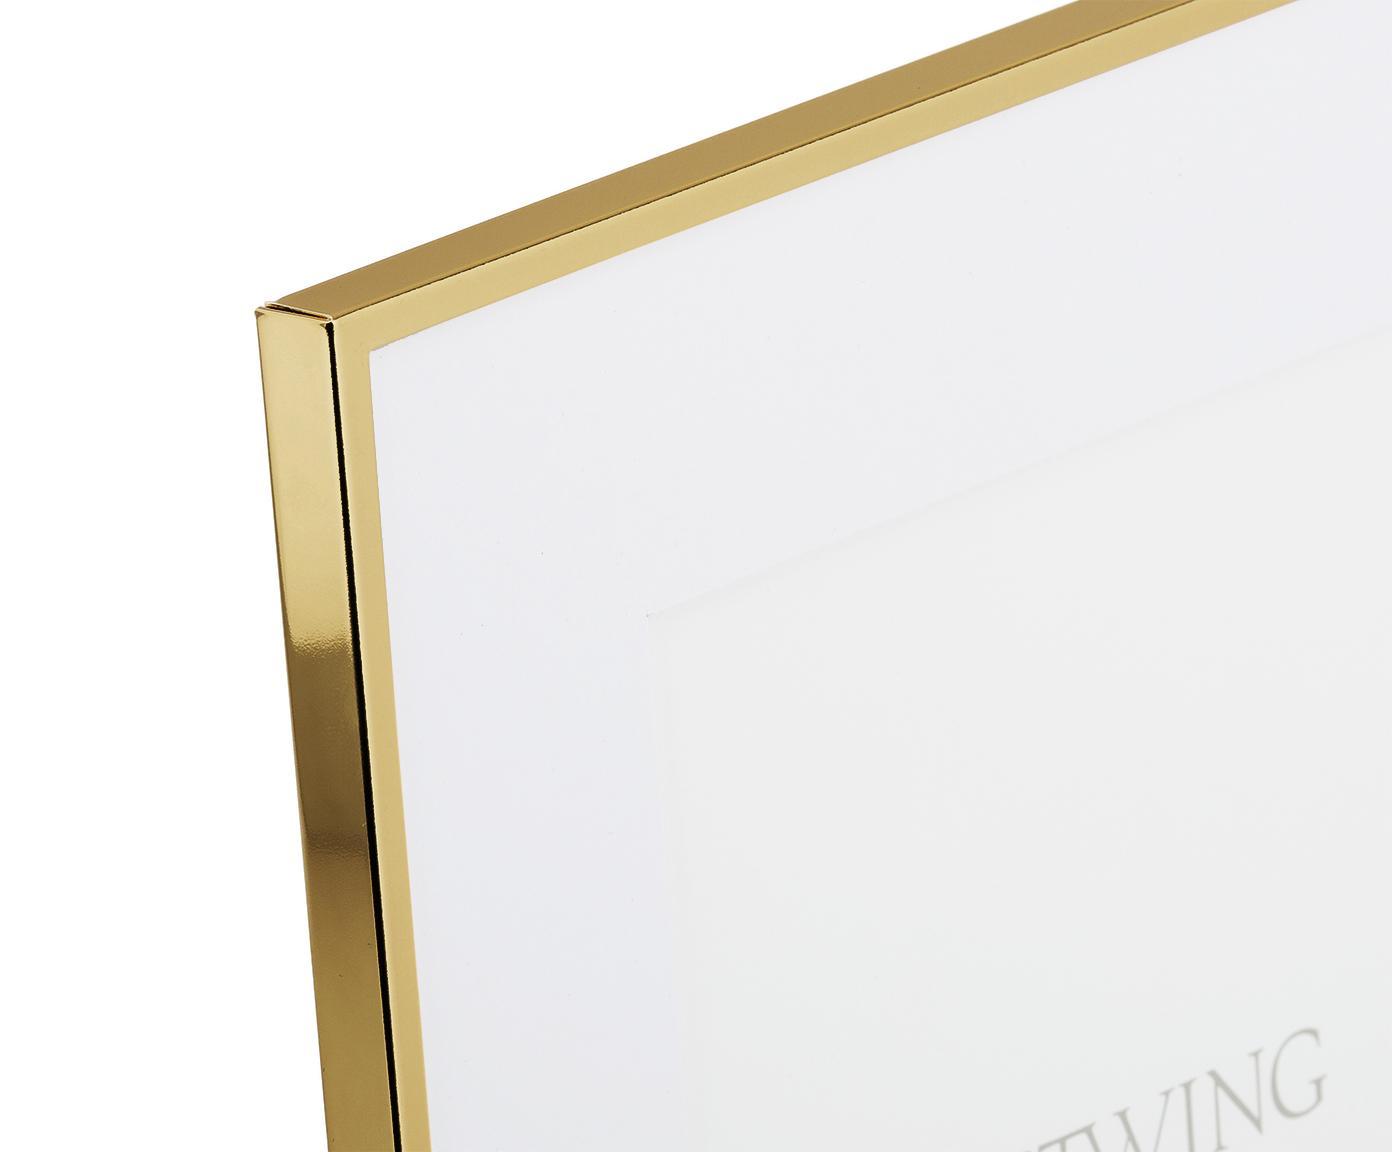 Fotolijstje Memento, Lijst: hoogglans gelakt ijzer, Goudkleurig, 13 x 18 cm